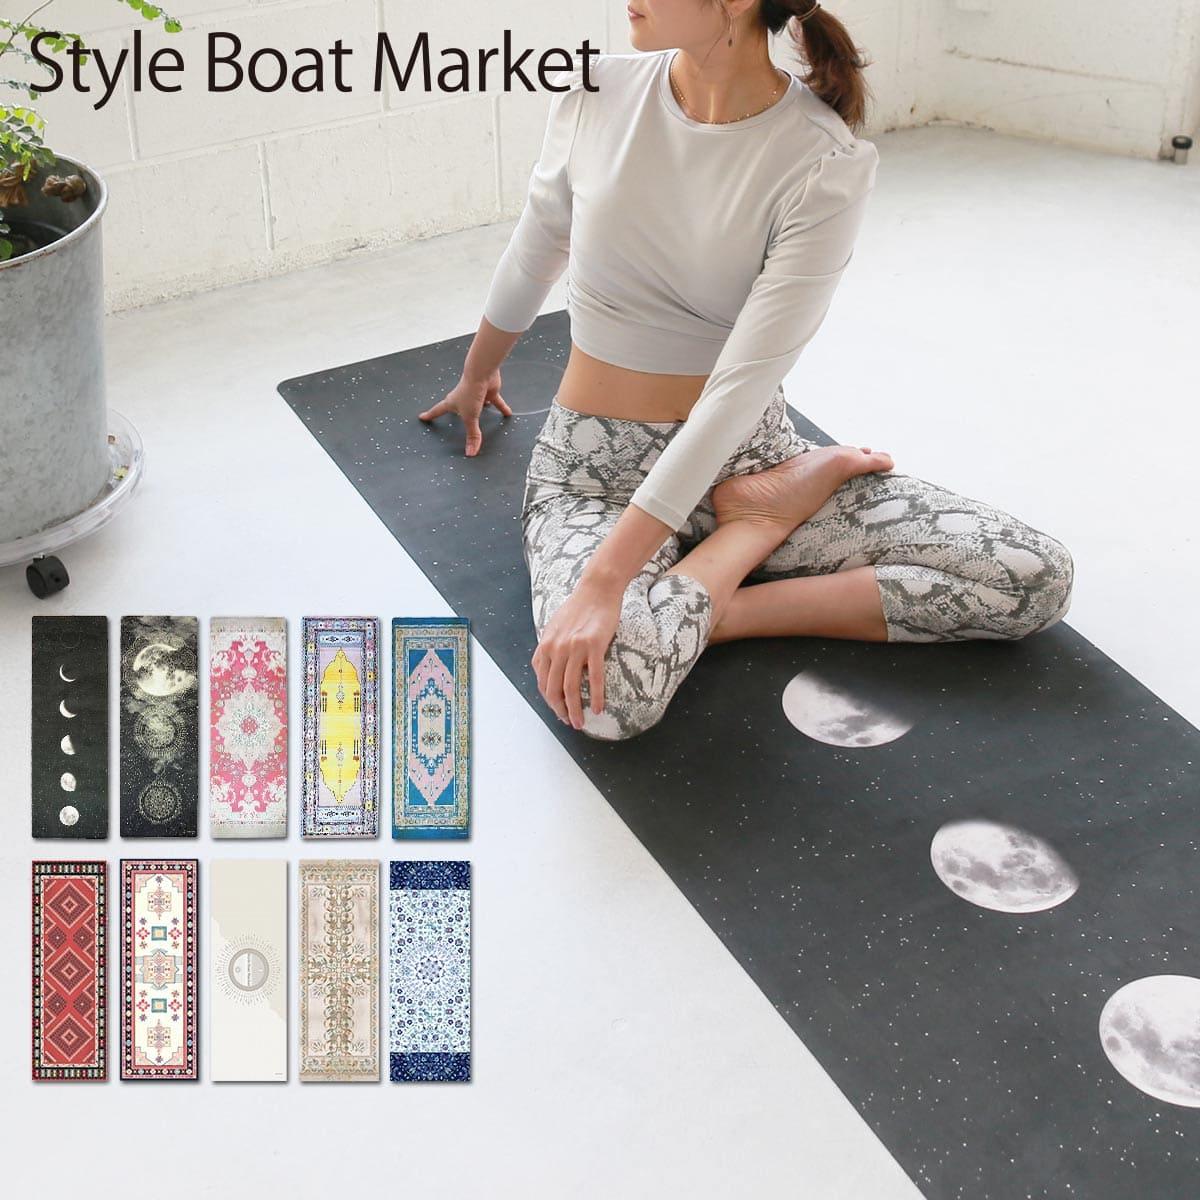 【スタイルボートマーケット】柄ヨガマット 2mm | #Style Boat Market #ヨガマット #ヨガ #柄マット #マット #ヨガグッズ #トレーニング #ストラップ付き